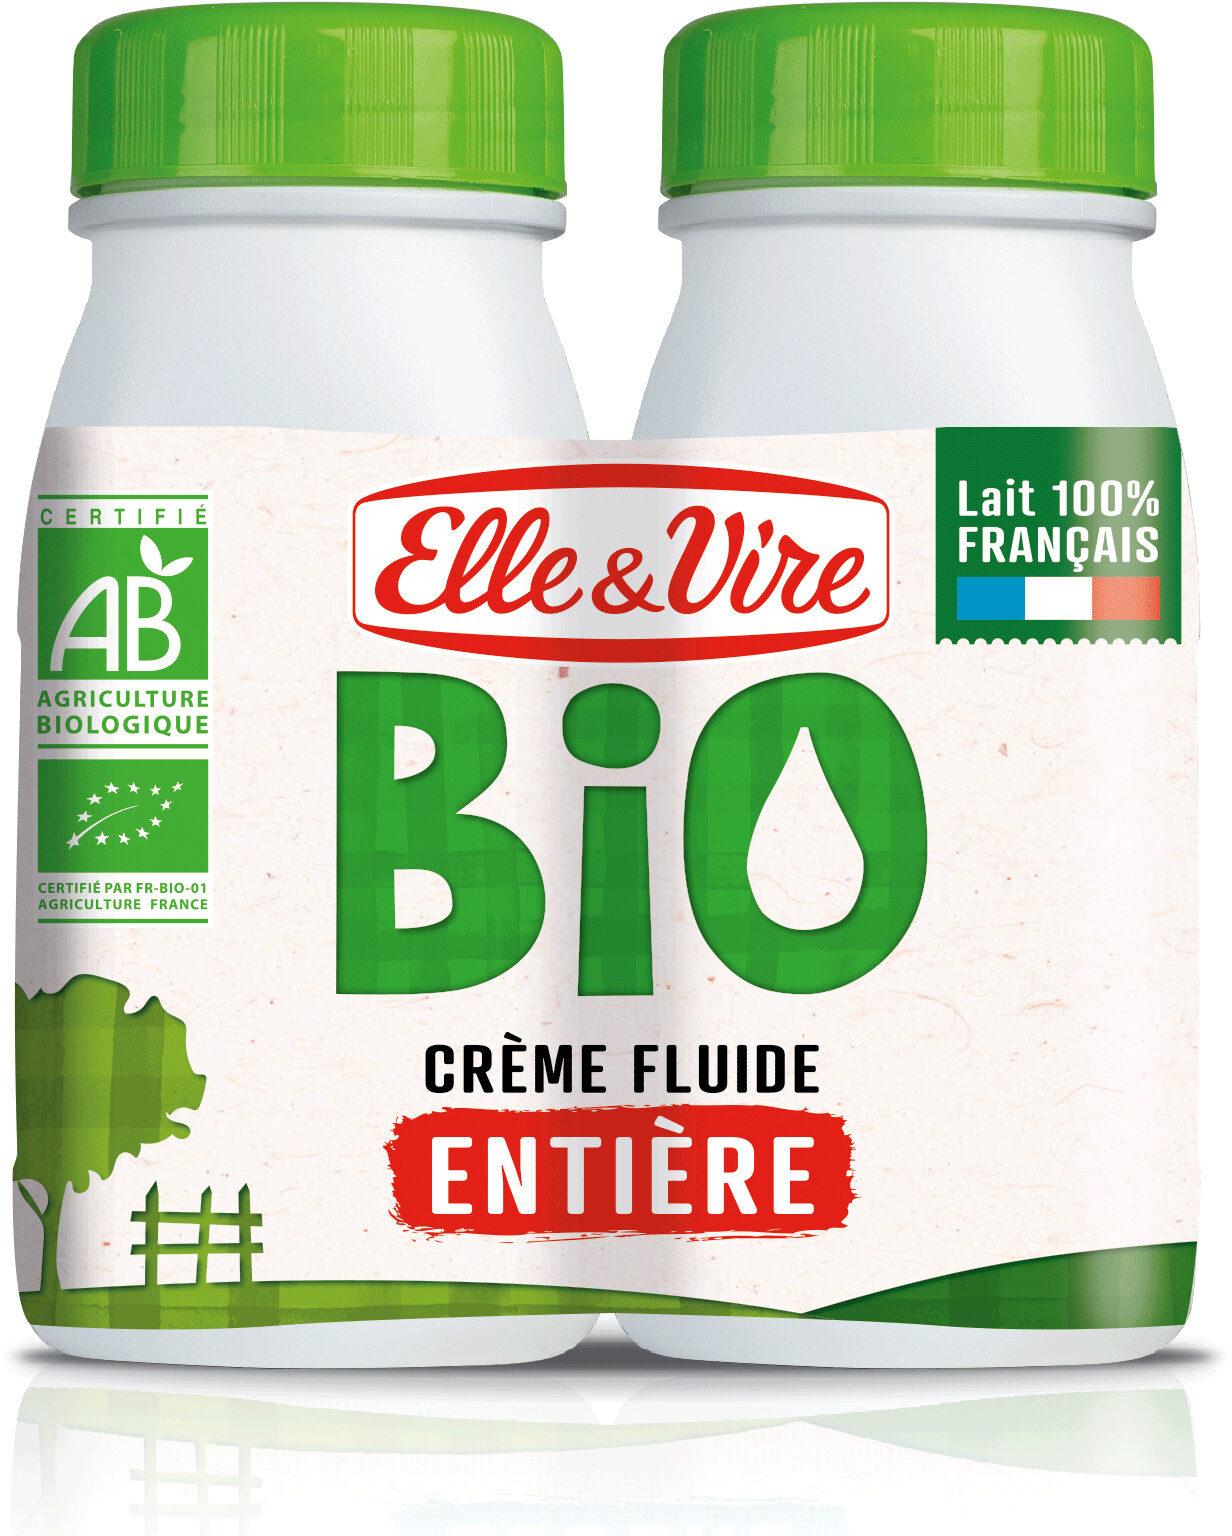 La Crème fluide bio entière - Product - fr